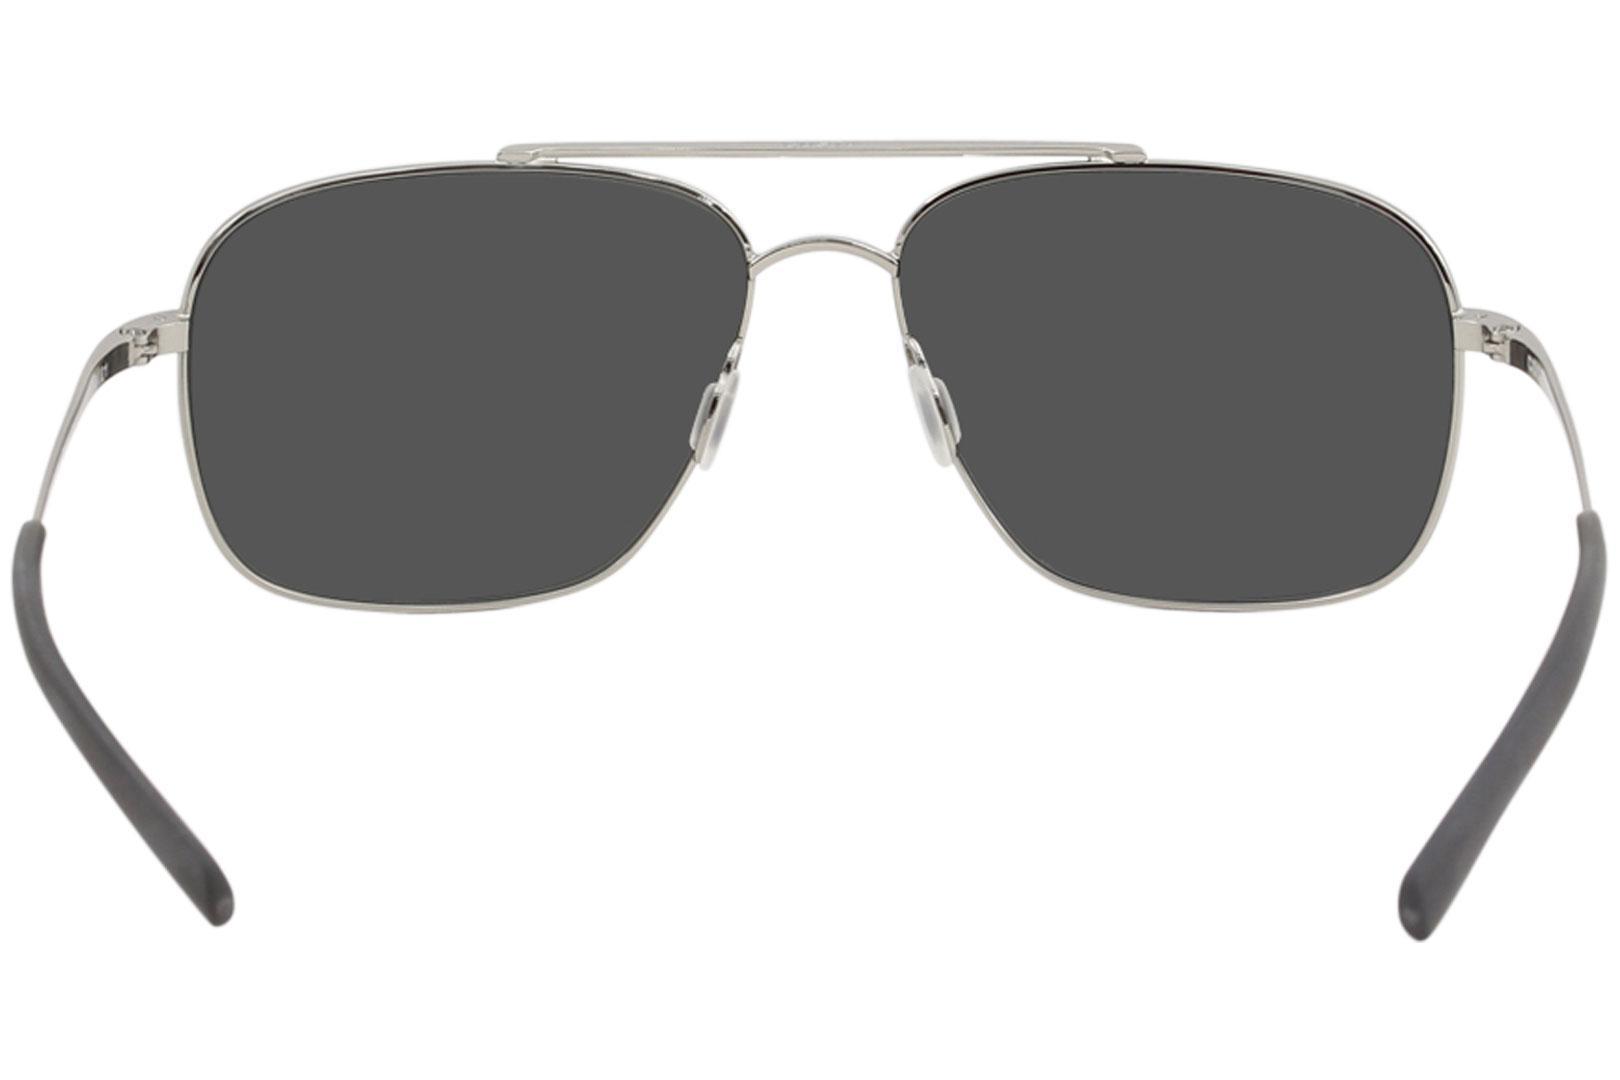 6e5423c563 Costa Del Mar Men s Canaveral Fashion Pilot Polarized Titanium Sunglasses  by Costa Del Mar